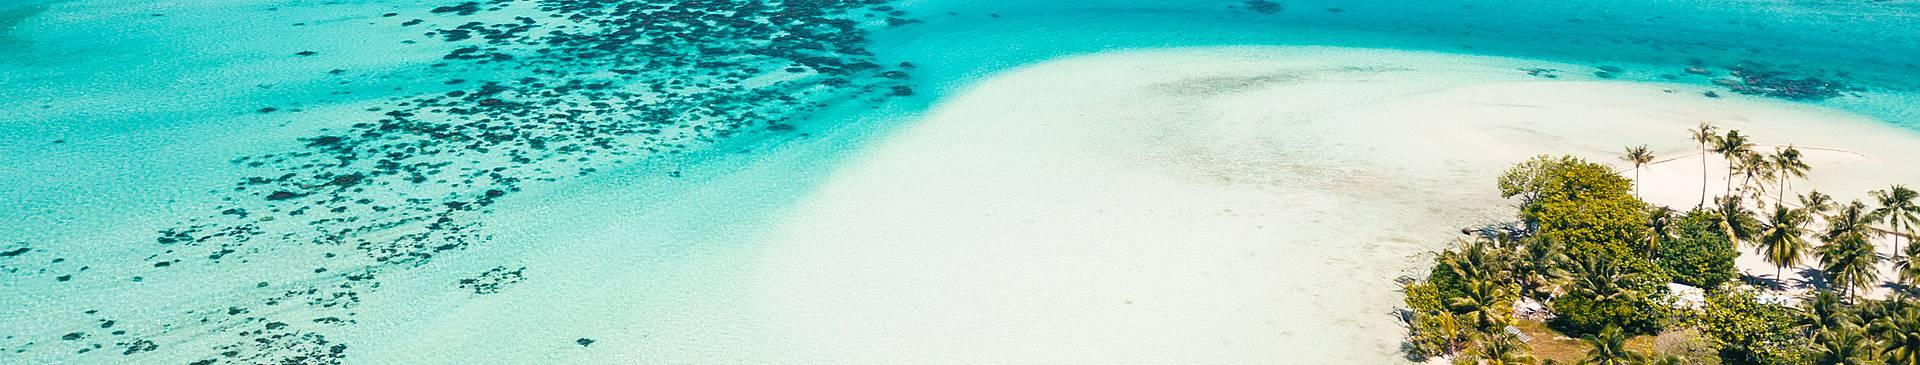 Voyage plage en Polynésie française